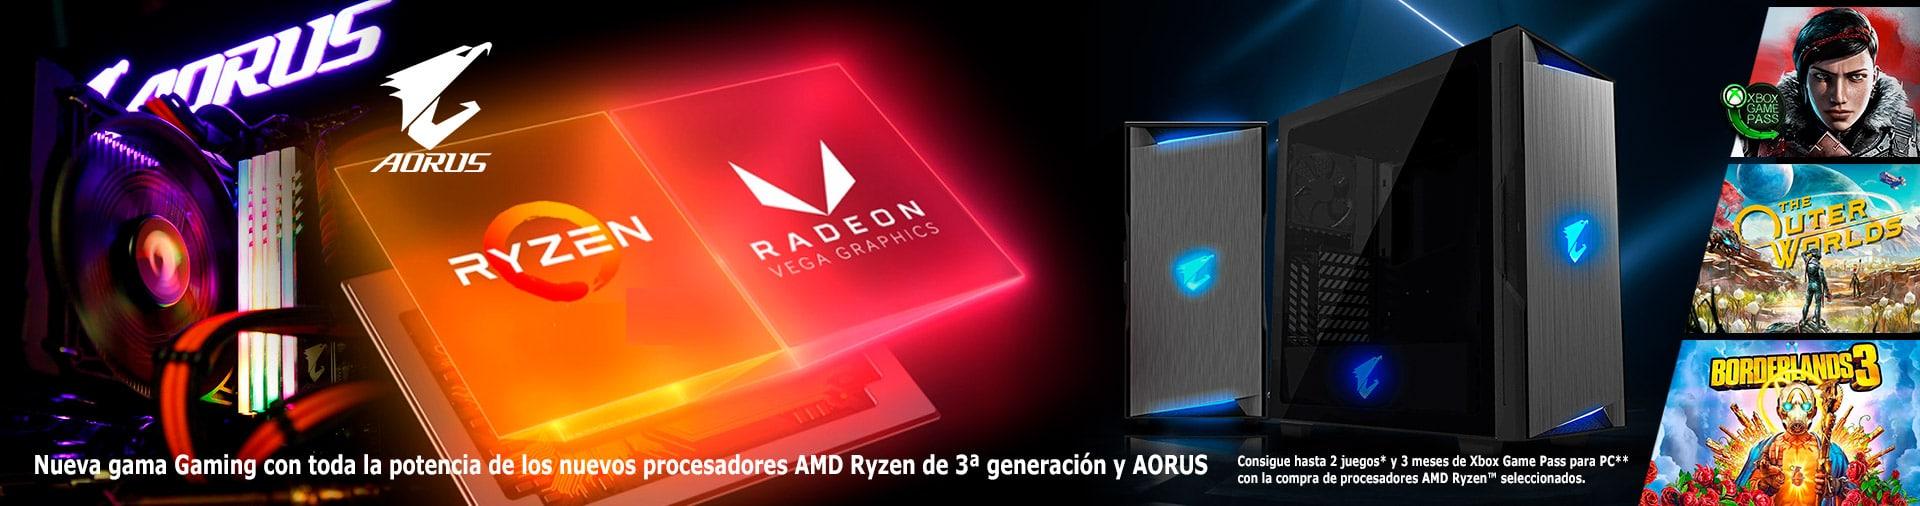 ryzen_aorus_gama_gaming-snt_servicios_nuevas_tecnologias